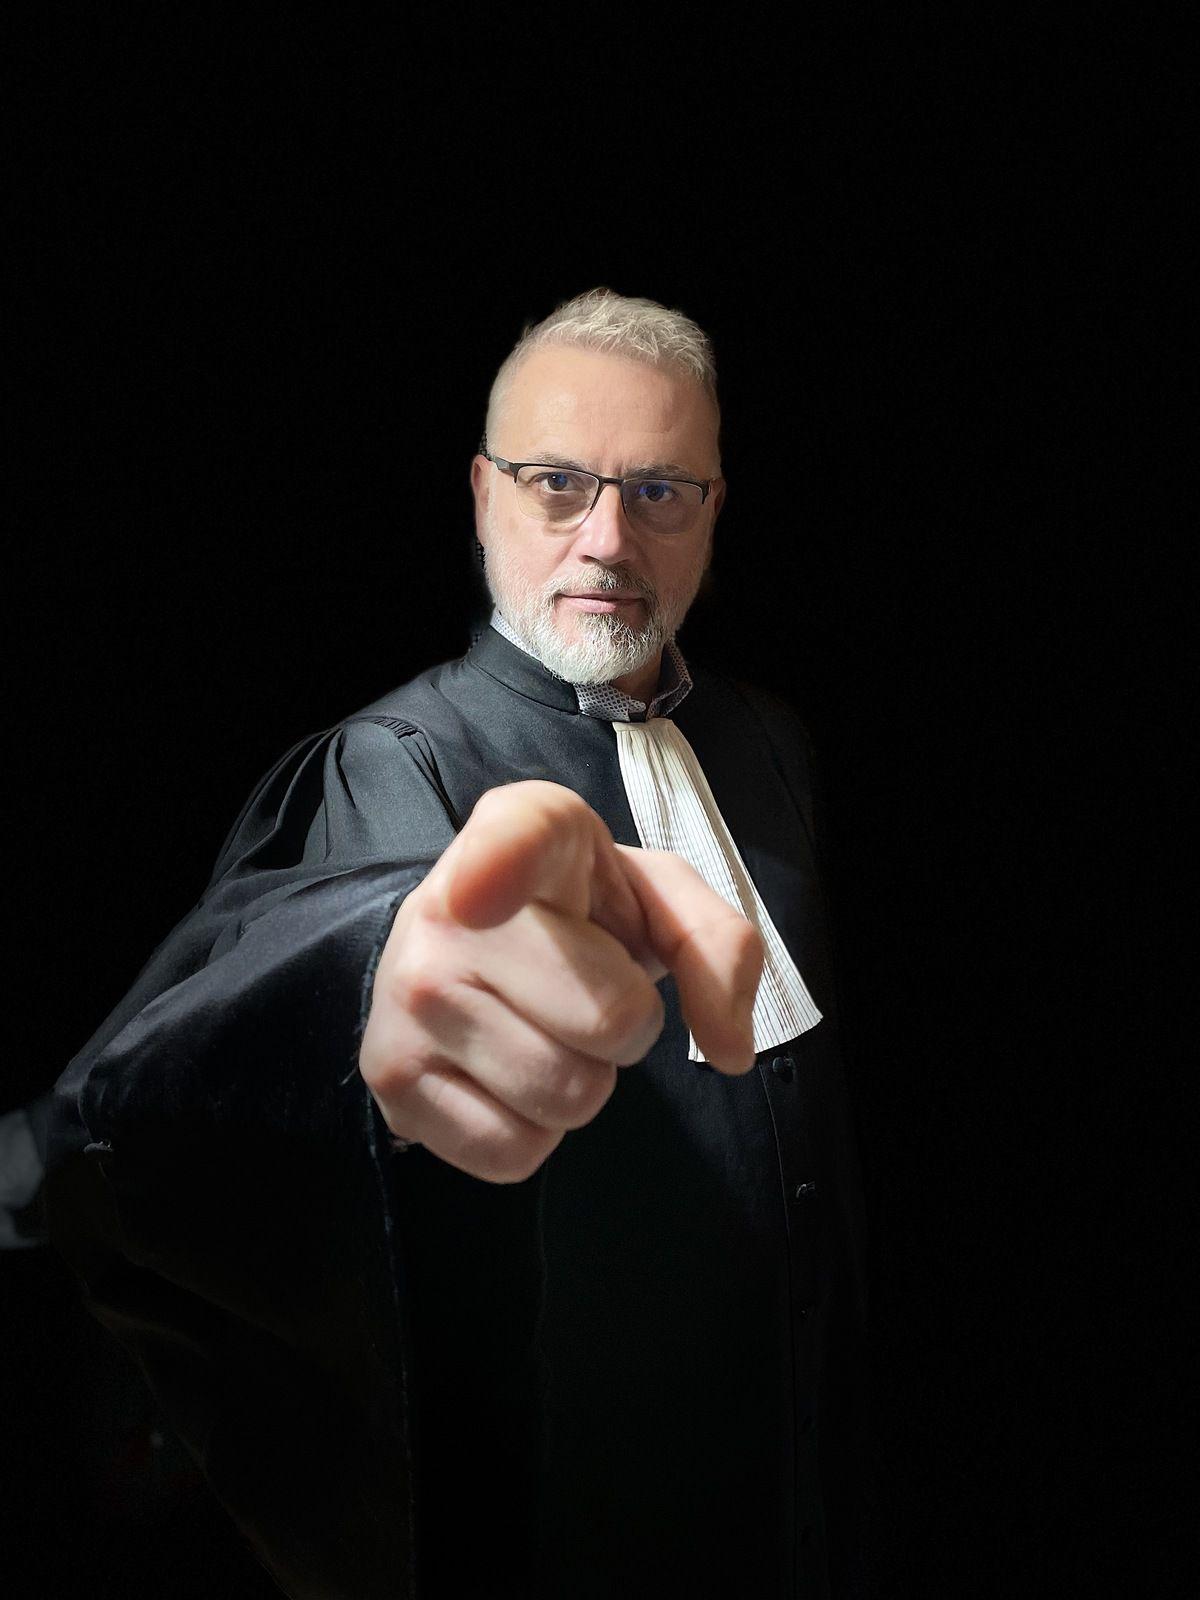 ordonnance pénale et retrait de points